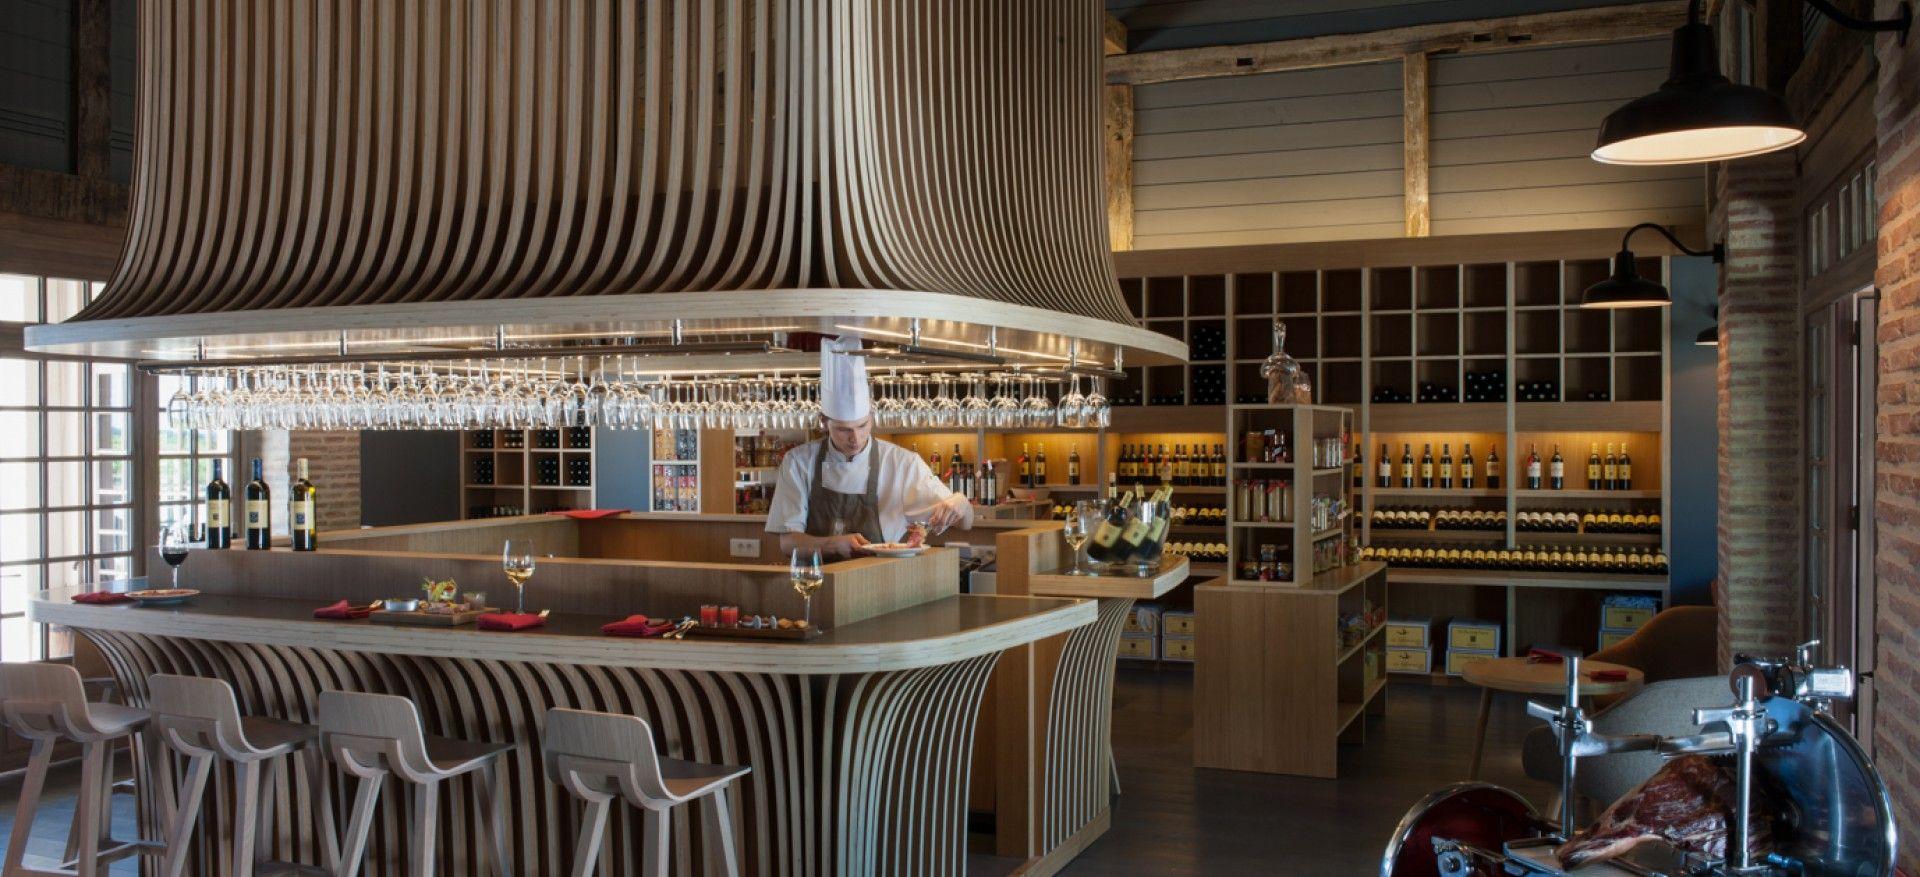 Les sources de caudalie h tel luxe spa restaurant for Hotel de luxe bordeaux